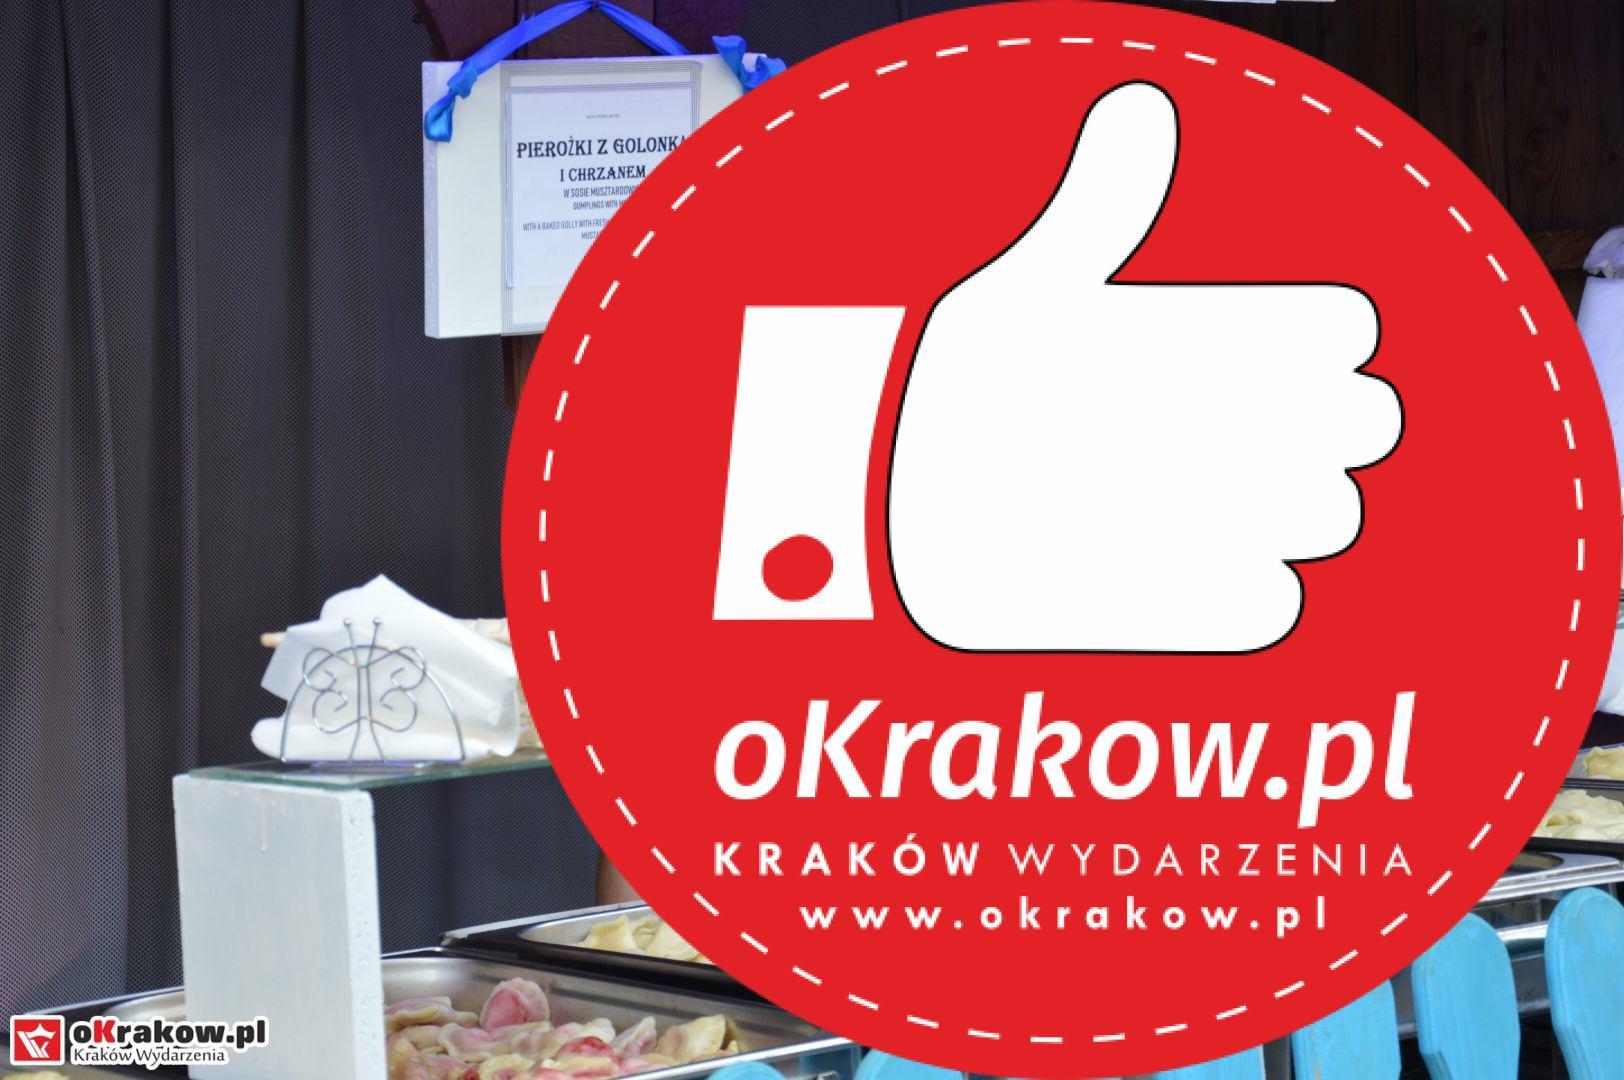 krakow festiwal pierogow maly rynek koncert cheap tobacco 16 1 - Galeria zdjęć Festiwal Pierogów Kraków 2018 + zdjęcia z koncertu Cheap Tobacco